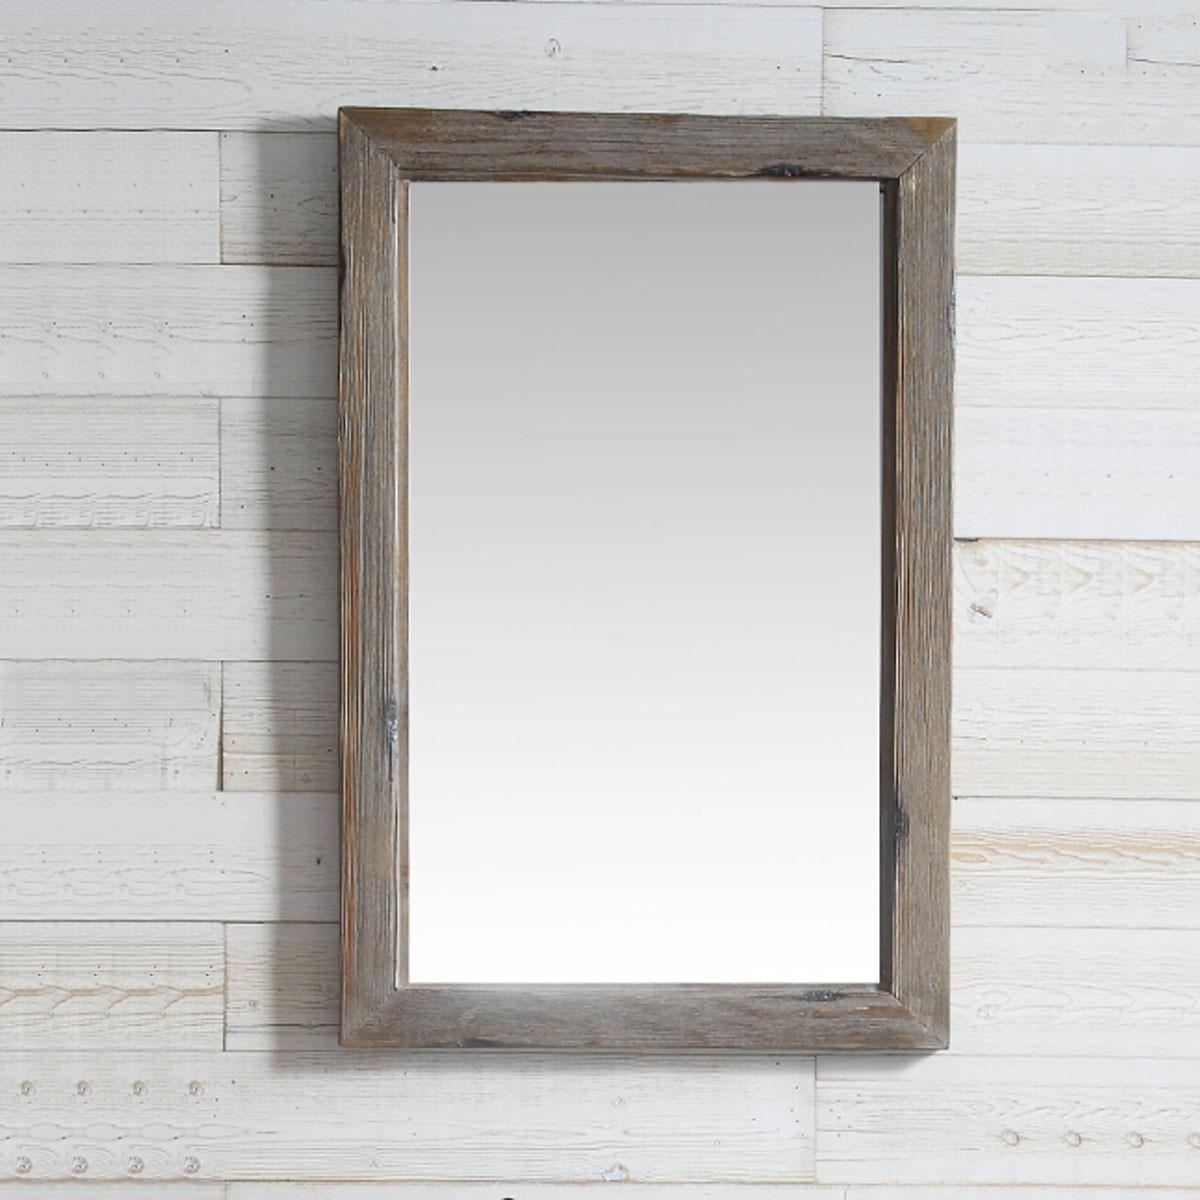 24 x 36 po Miroir pour Vanité avec Cadre en Bois de Sapin (DK-WH9324-LB)